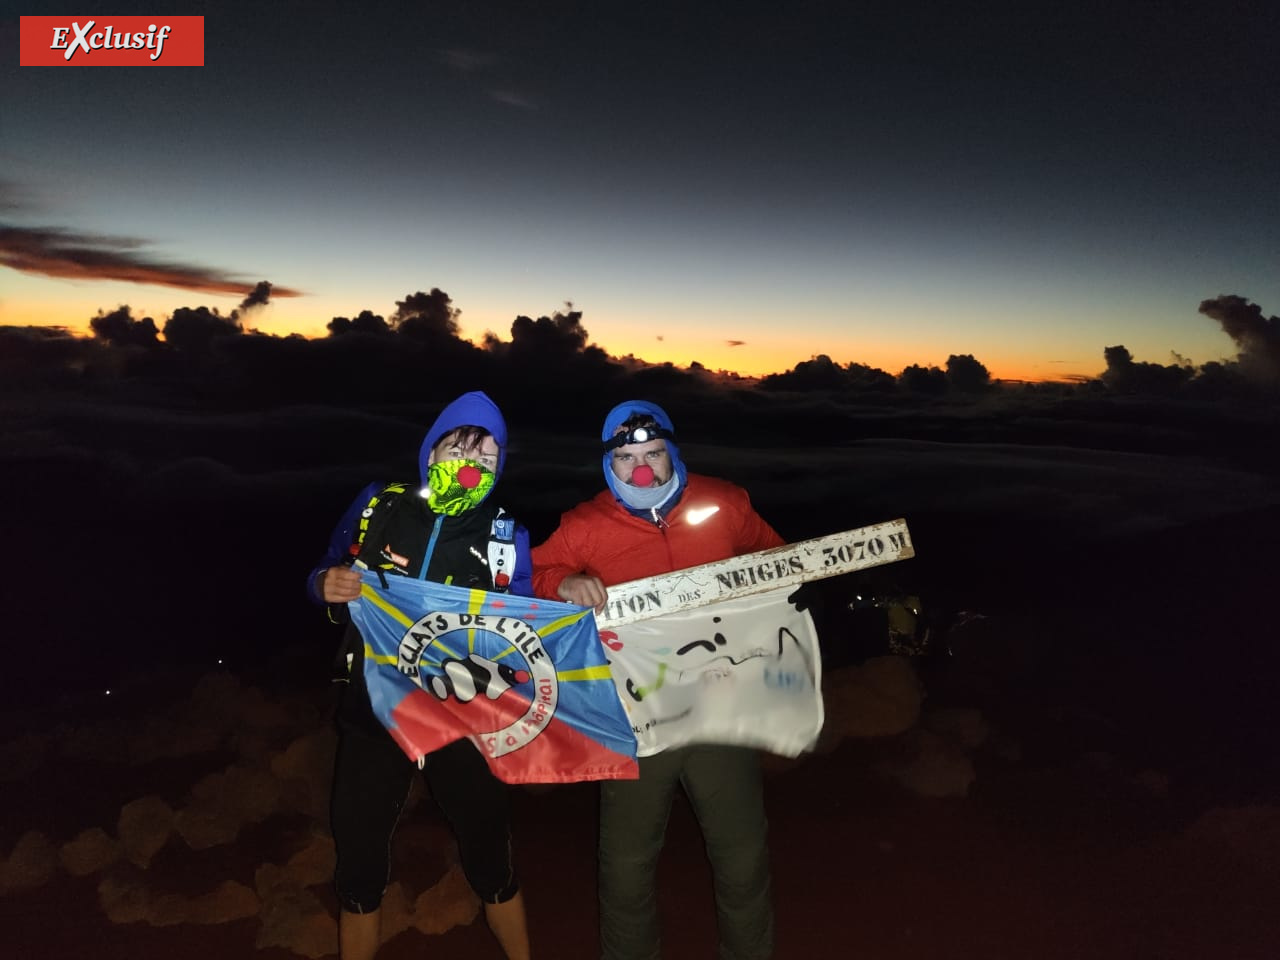 Delphine et Damien sont montés sur le toit de La Réunion avec la banderole de Réuni Tour. Tout un symbole!